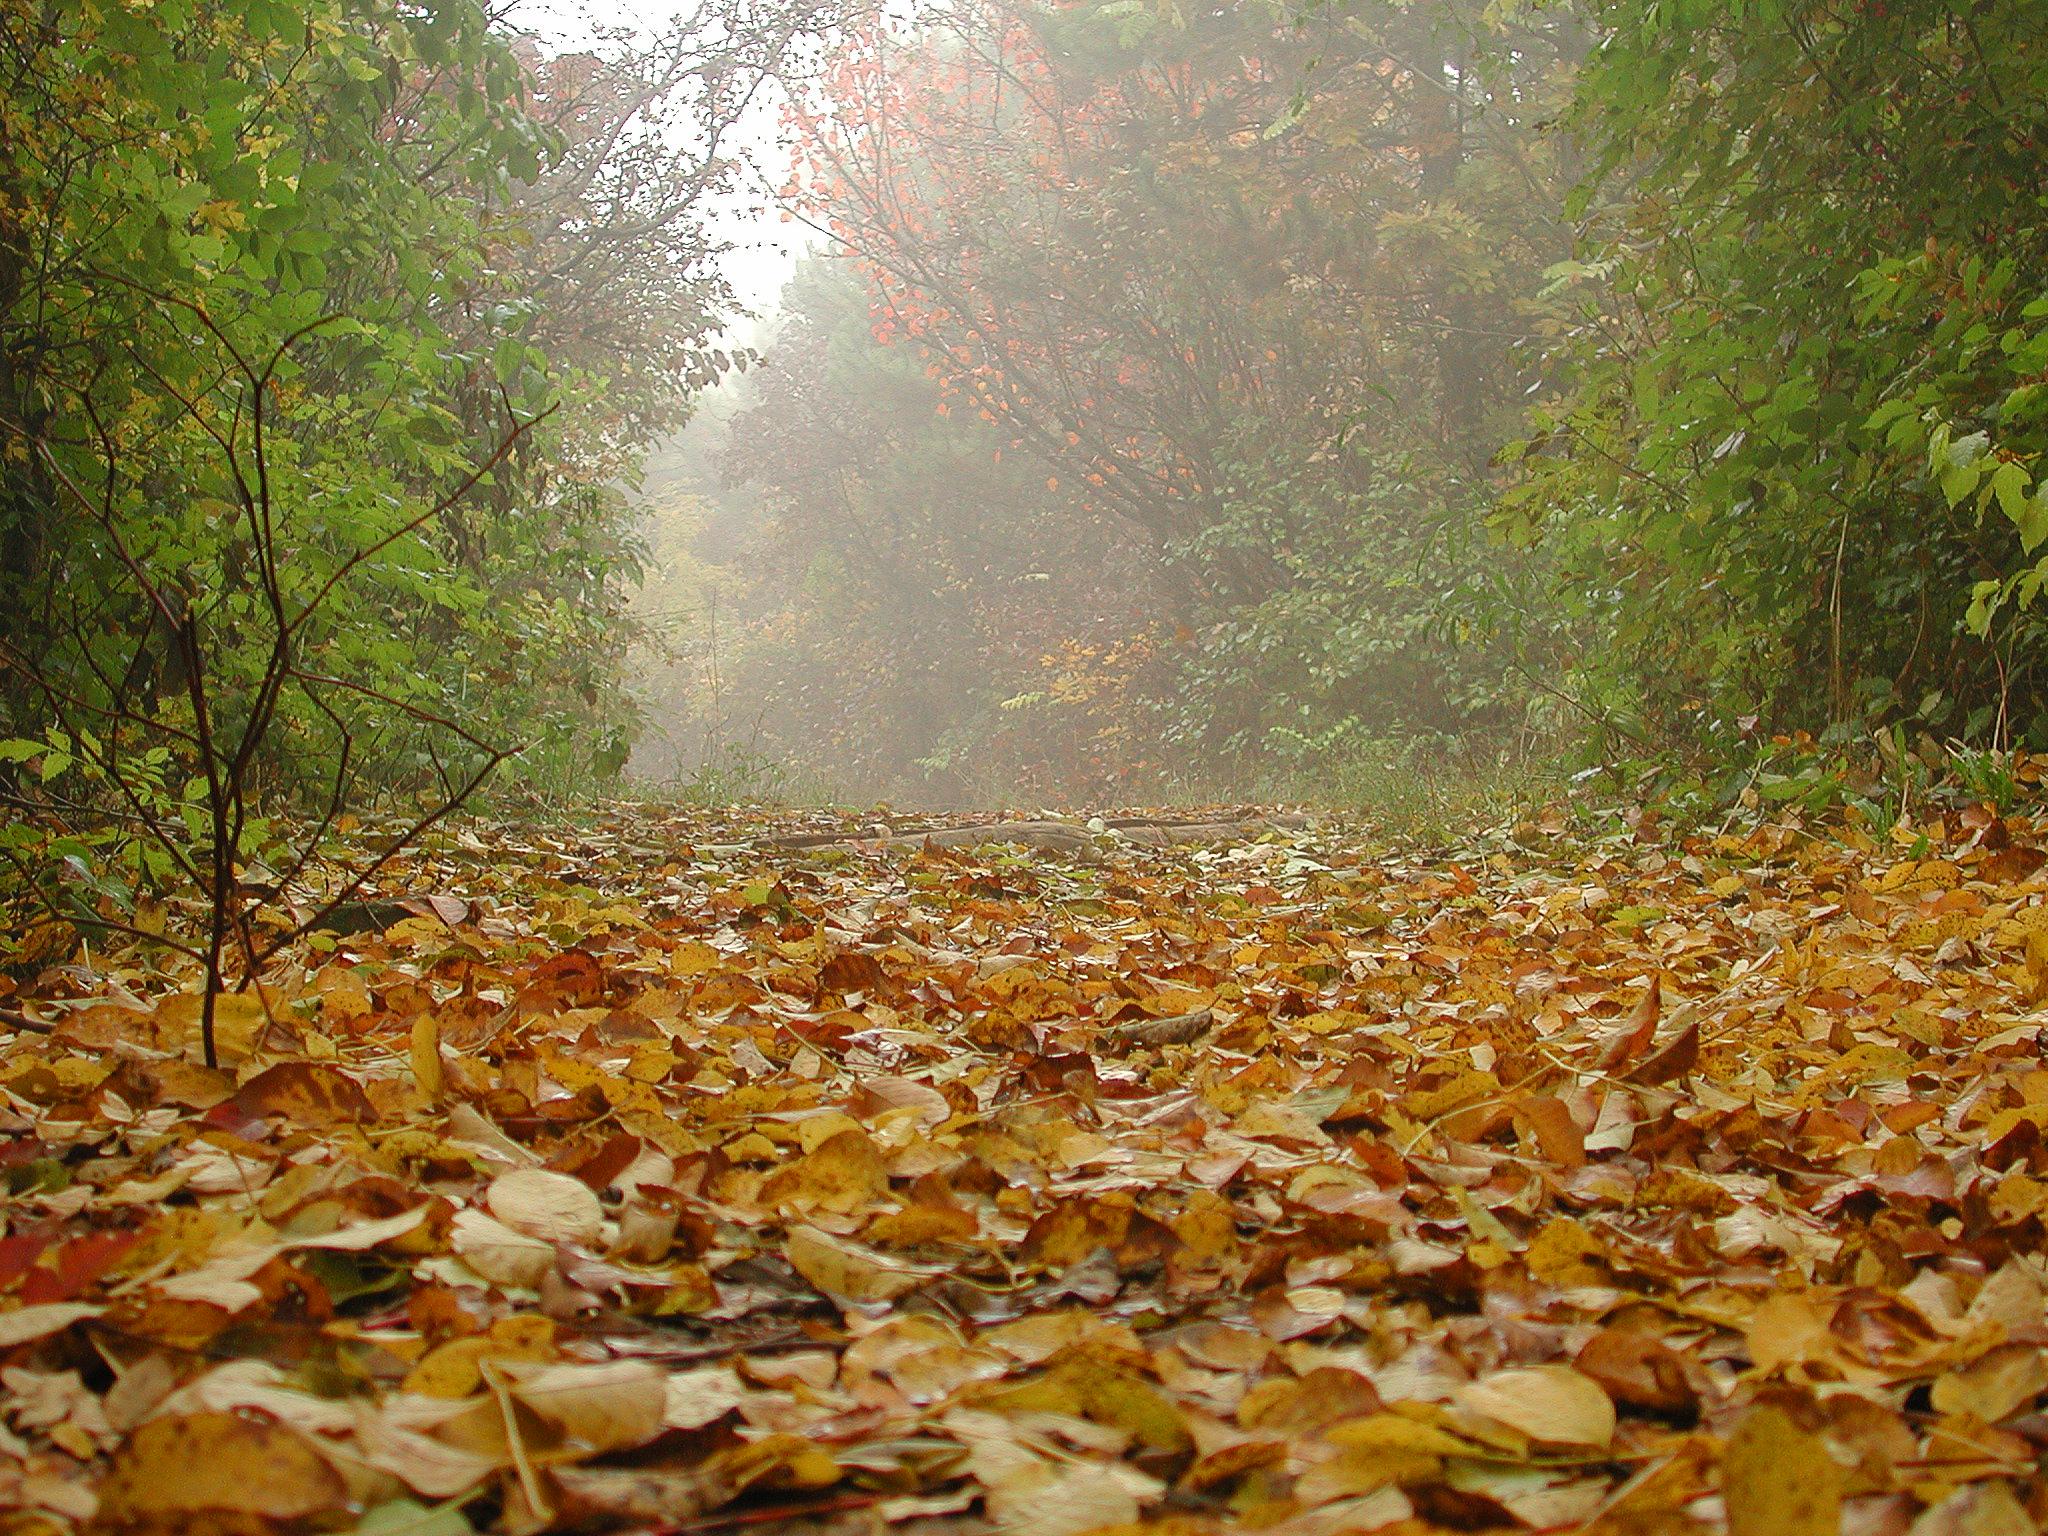 Typická ukázka podzimní krajiny, kde je součástí kompozice i mlžný opar, i s ním se dá na podzim kreativně pracovat